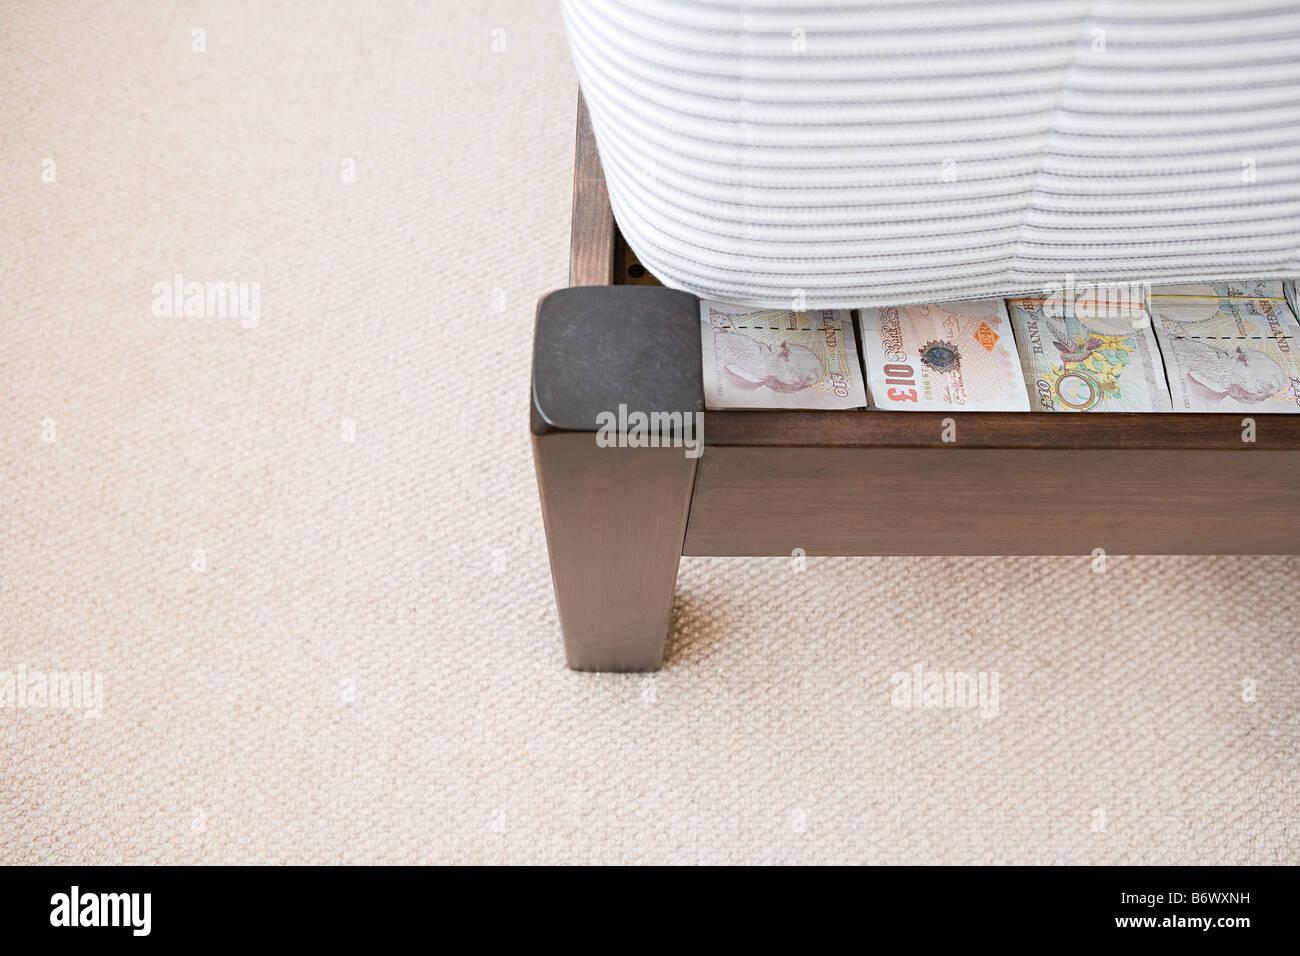 Geld versteckt unter einer Matratze Stockbild